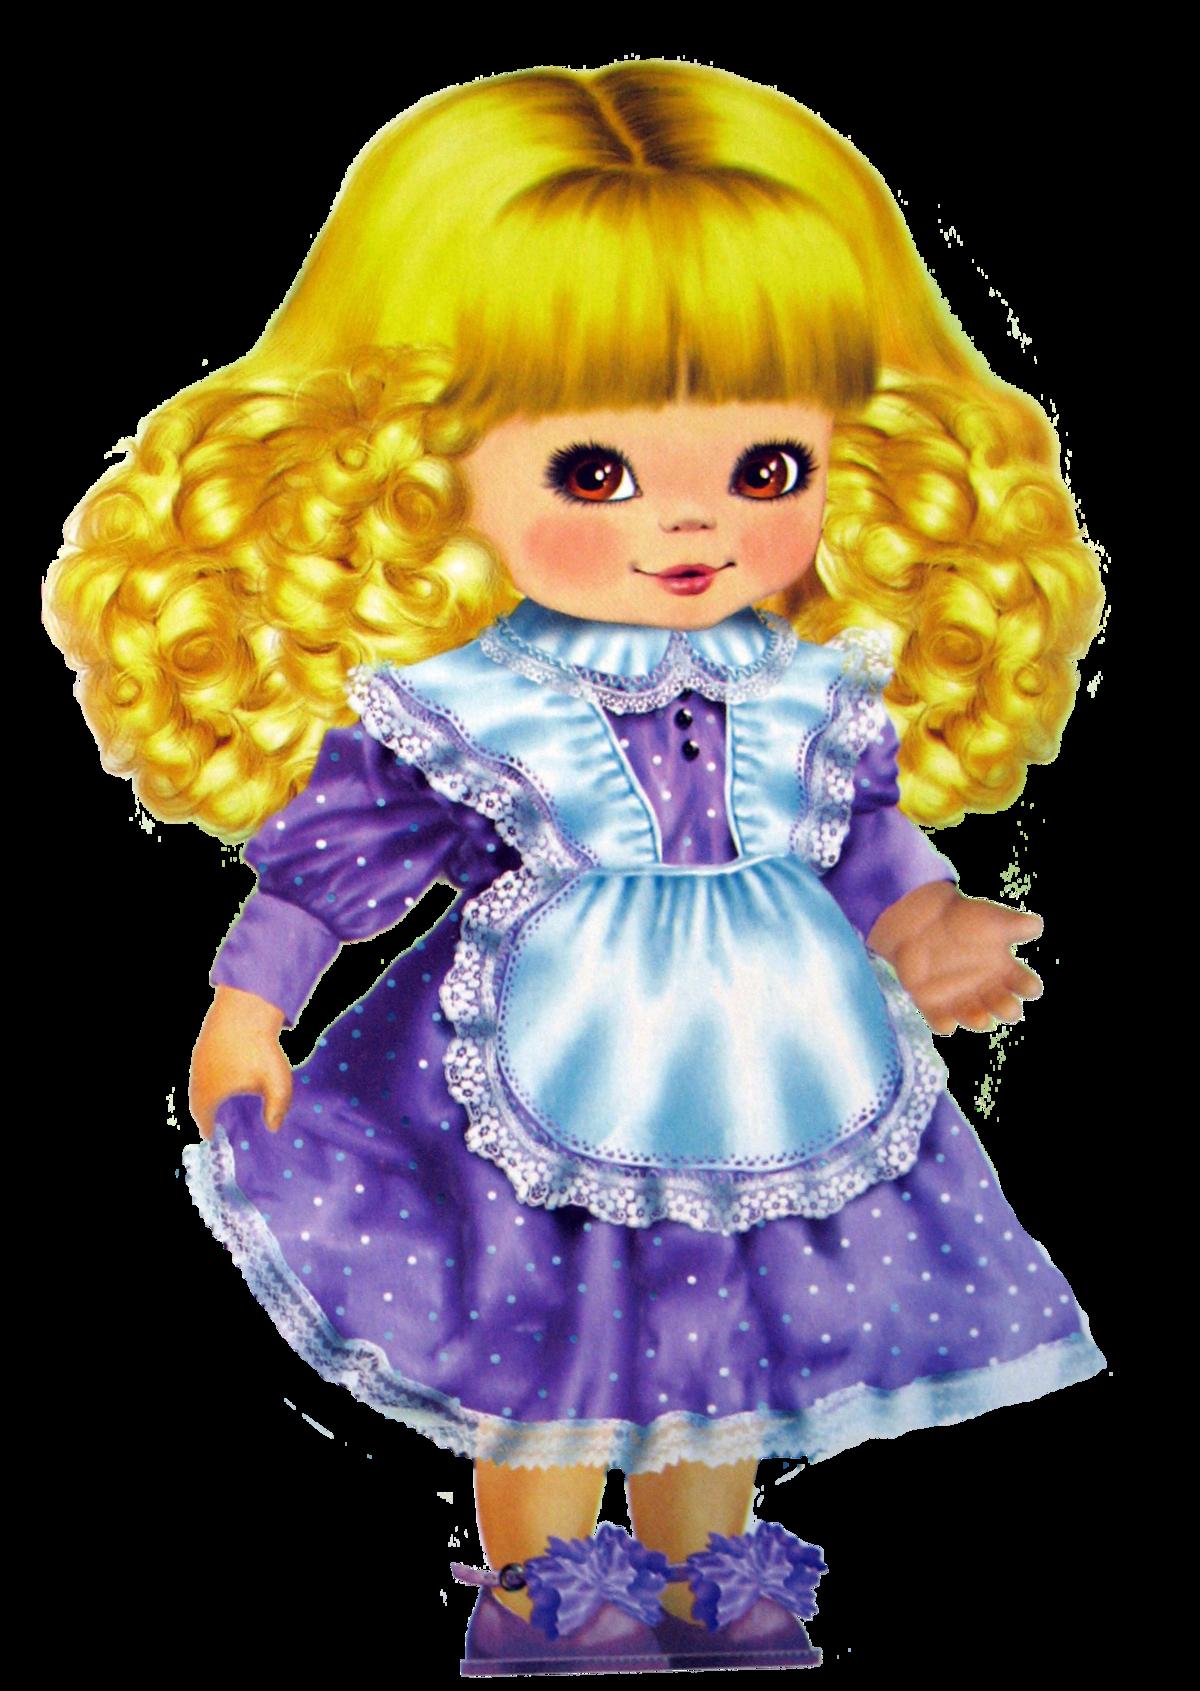 часто картинки кукол рисовать юлия